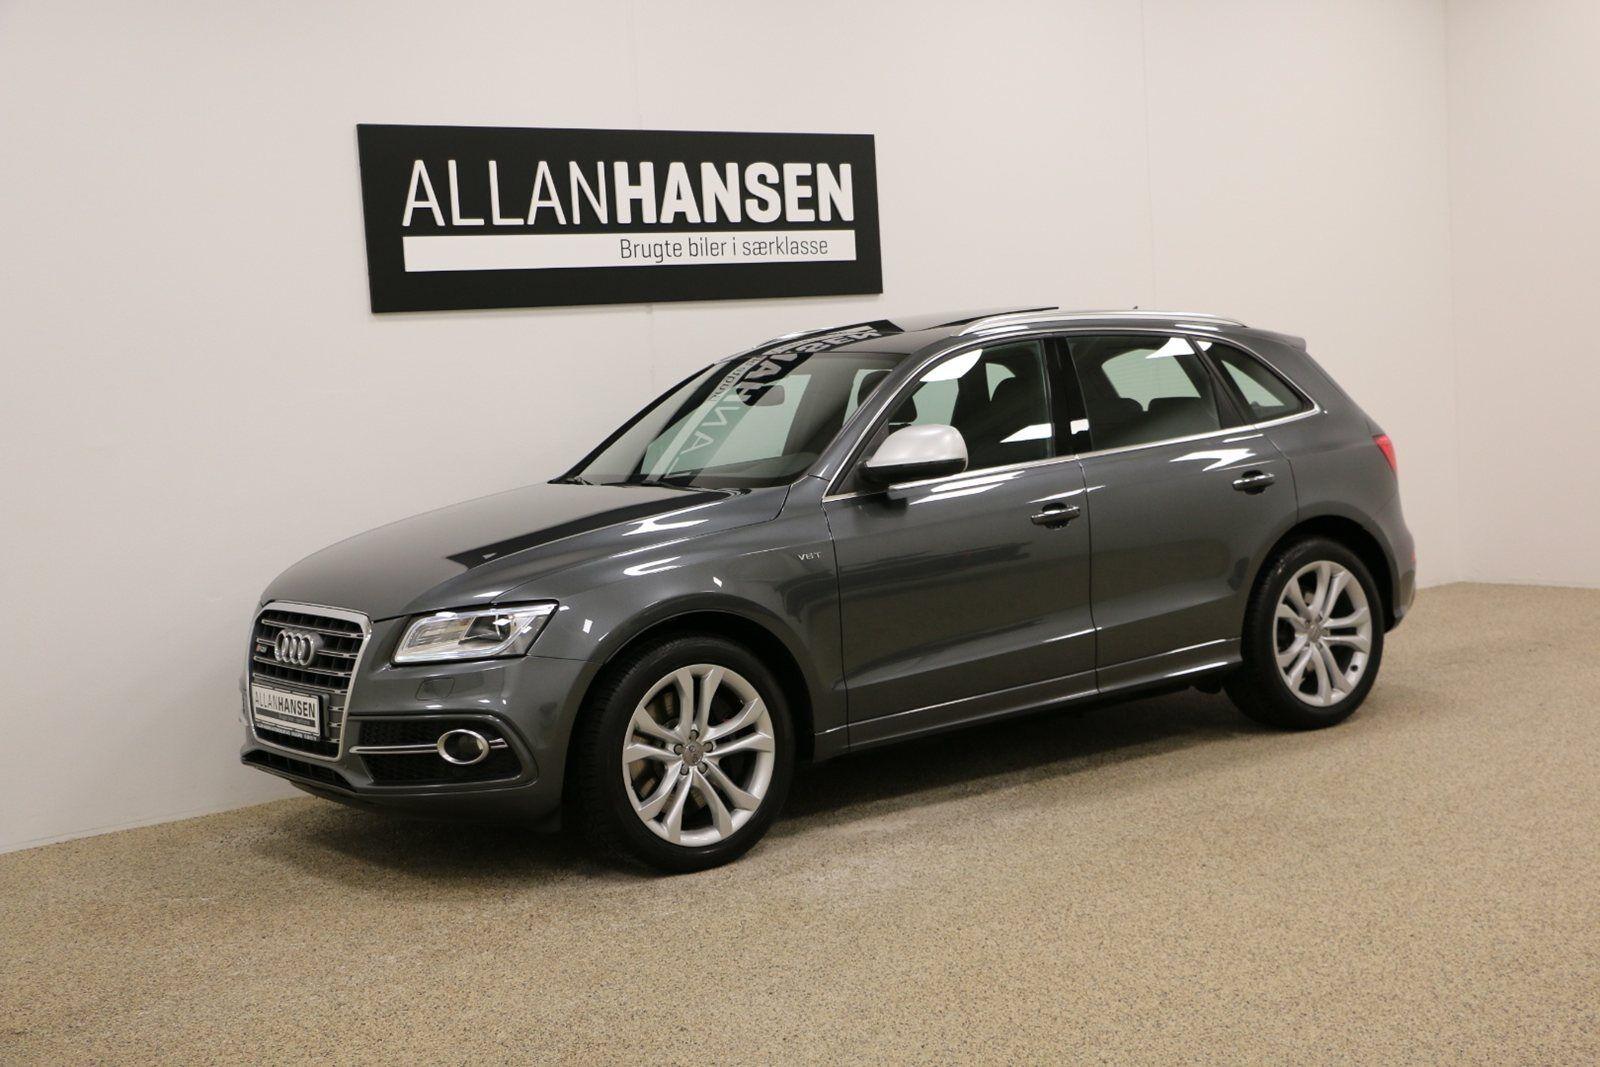 Audi SQ5 3,0 TDi 313 quattro Tiptr. 5d - 639.900 kr.